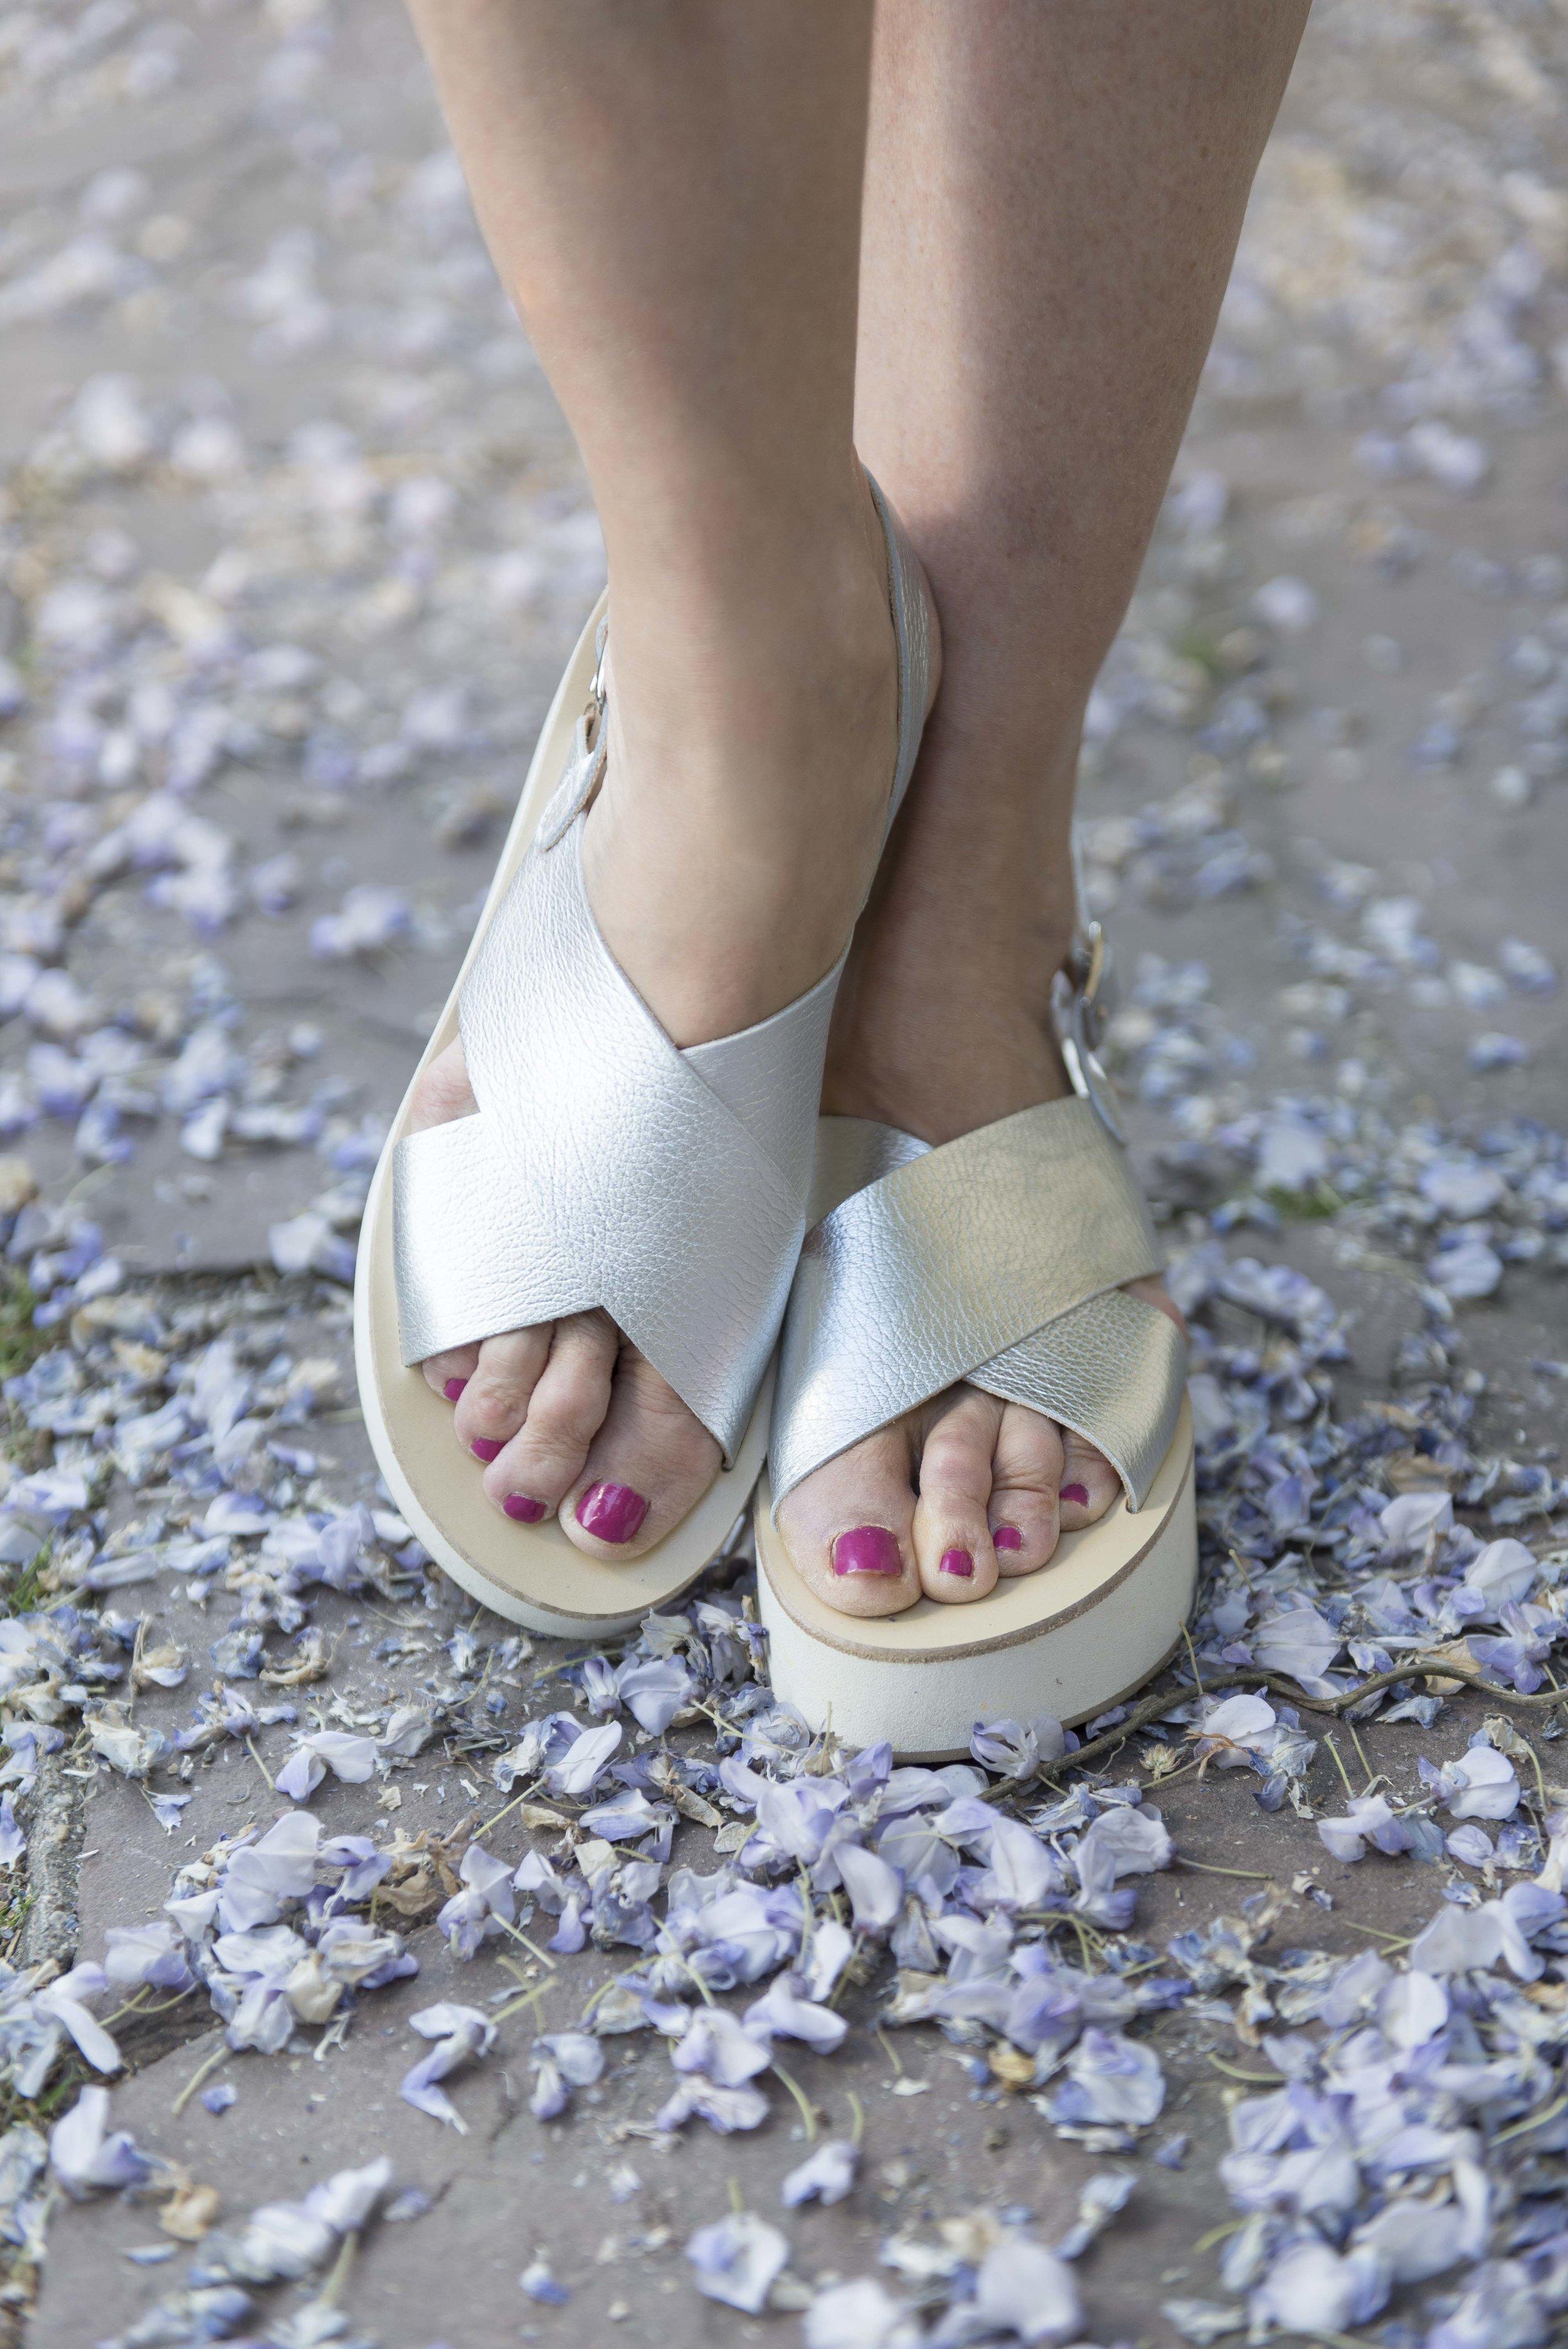 Schuhe: Gioia dell'Acqua